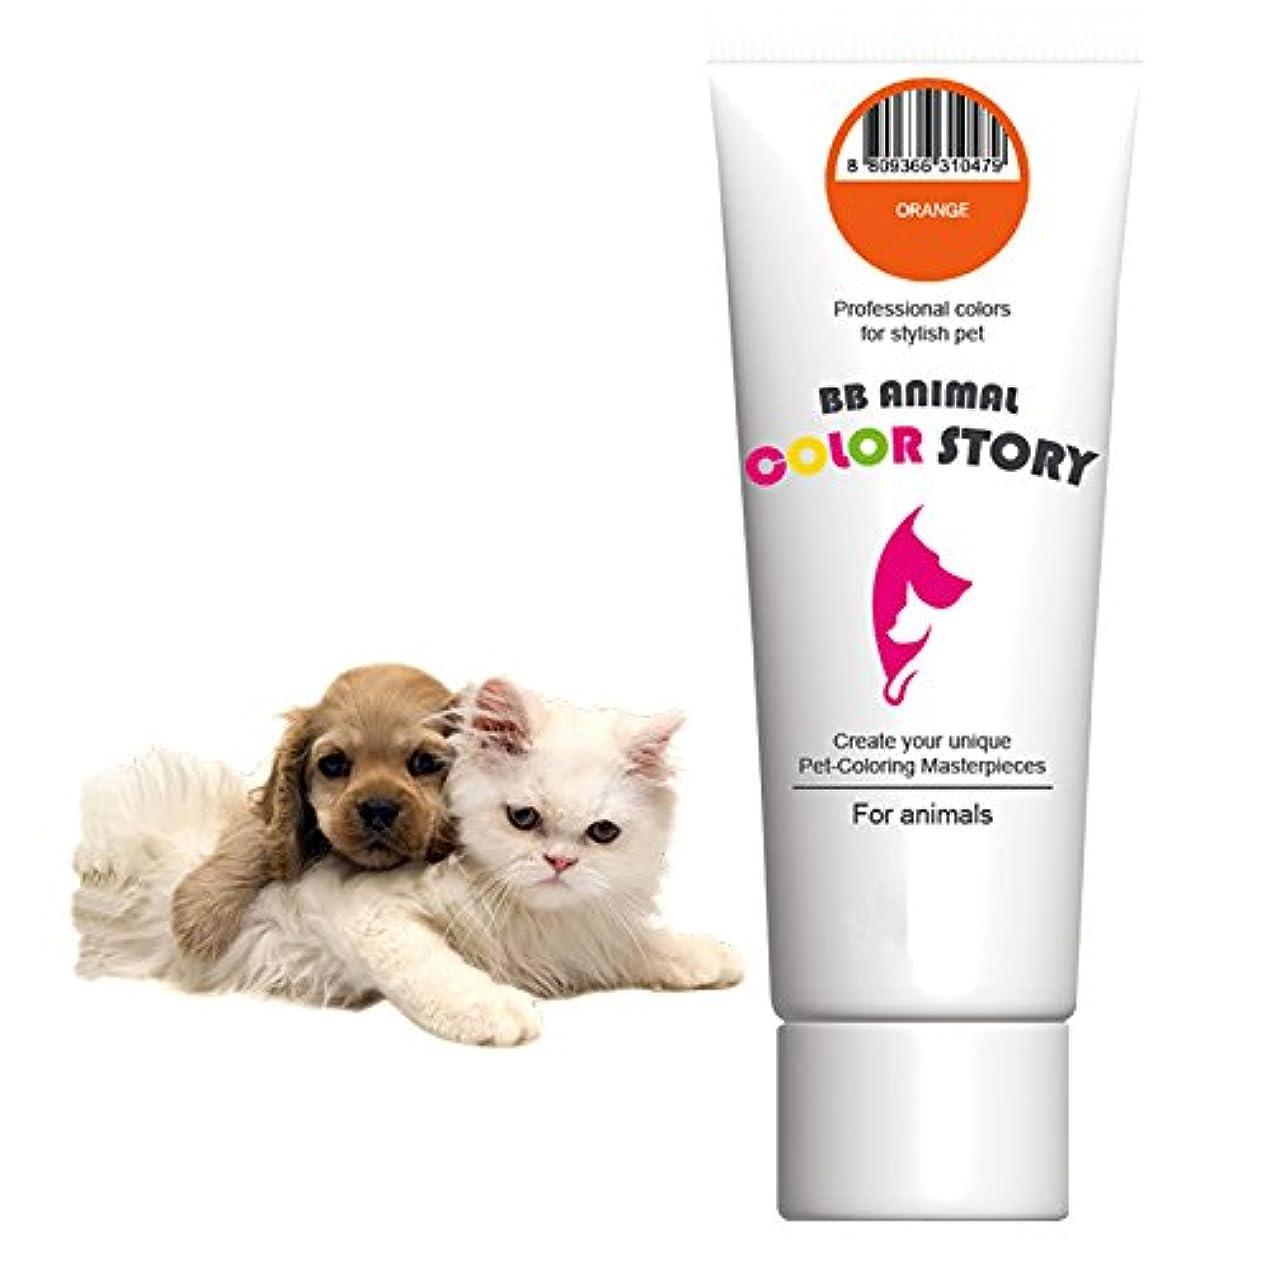 側面環境アーサー毛染め, 犬ヘアダイ, Orange, カラーリング Dog Hair Dye Hair Bleach Hair Coloring Professional Colors for Stylish Pet 50ml 並行輸入